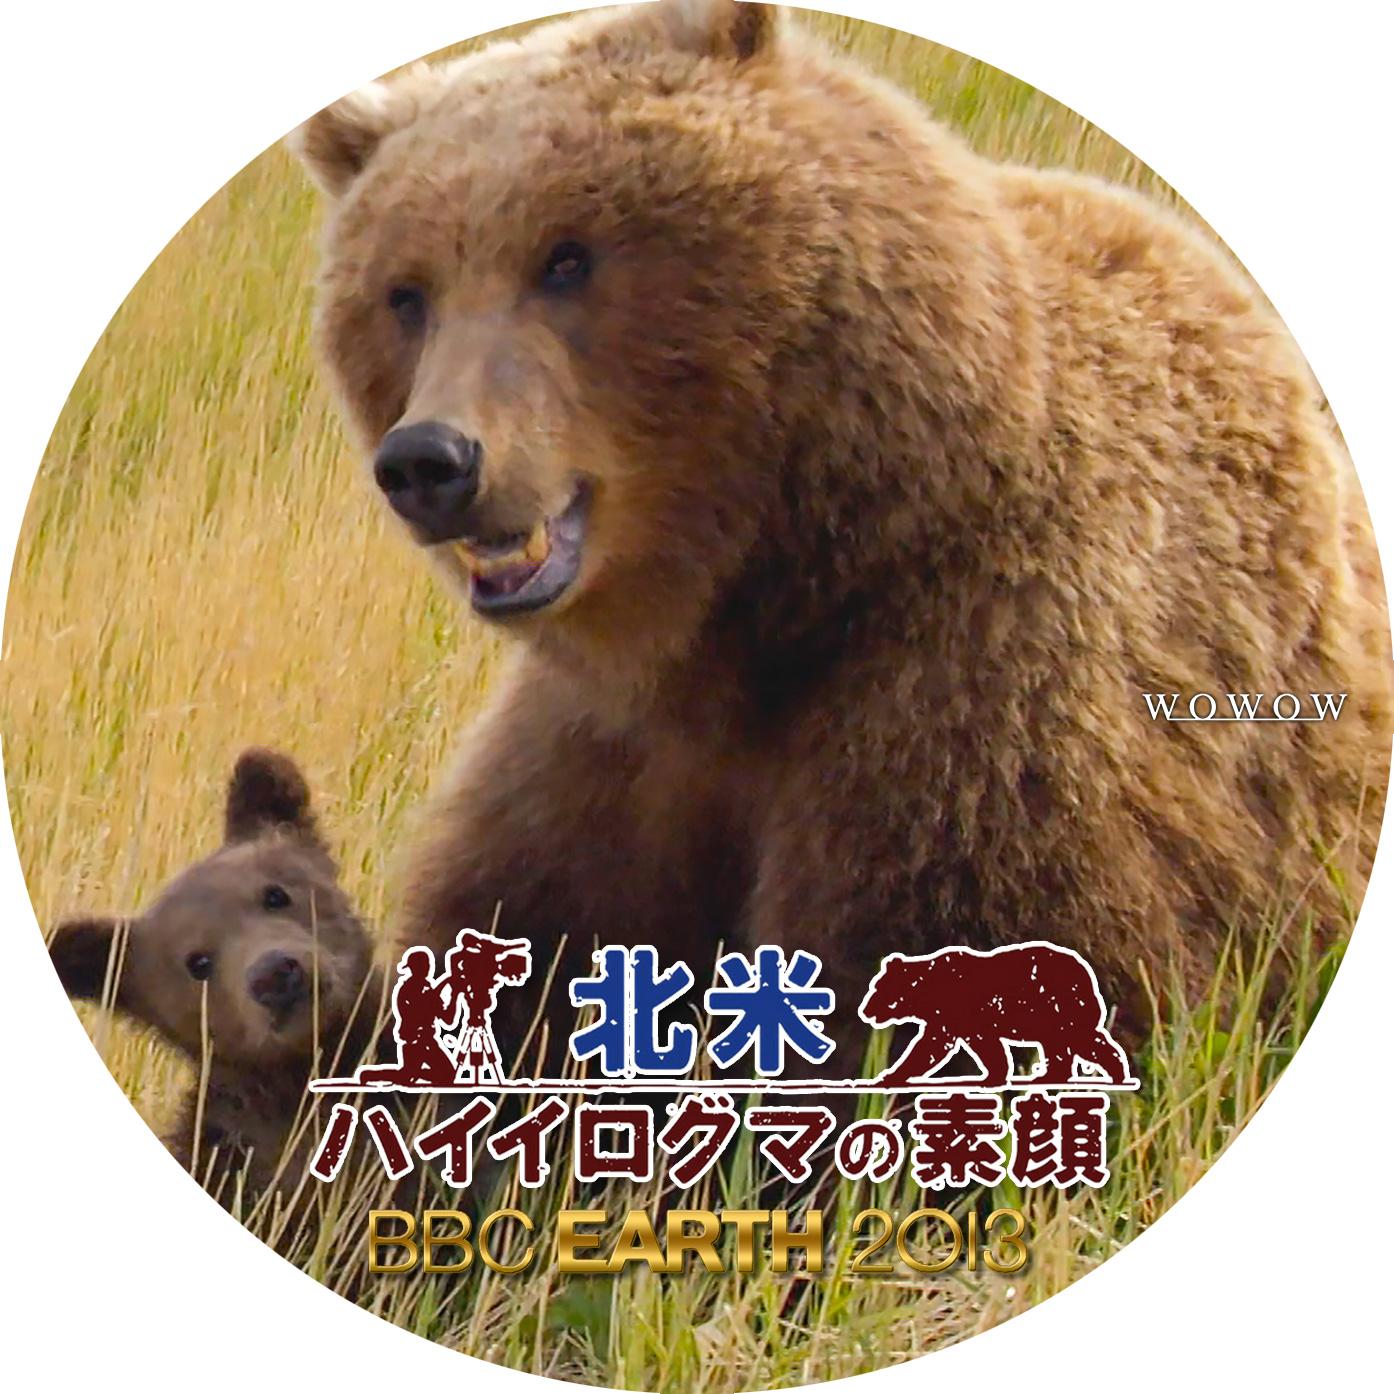 WOWOW 北米ハイイログマ DVDラベル